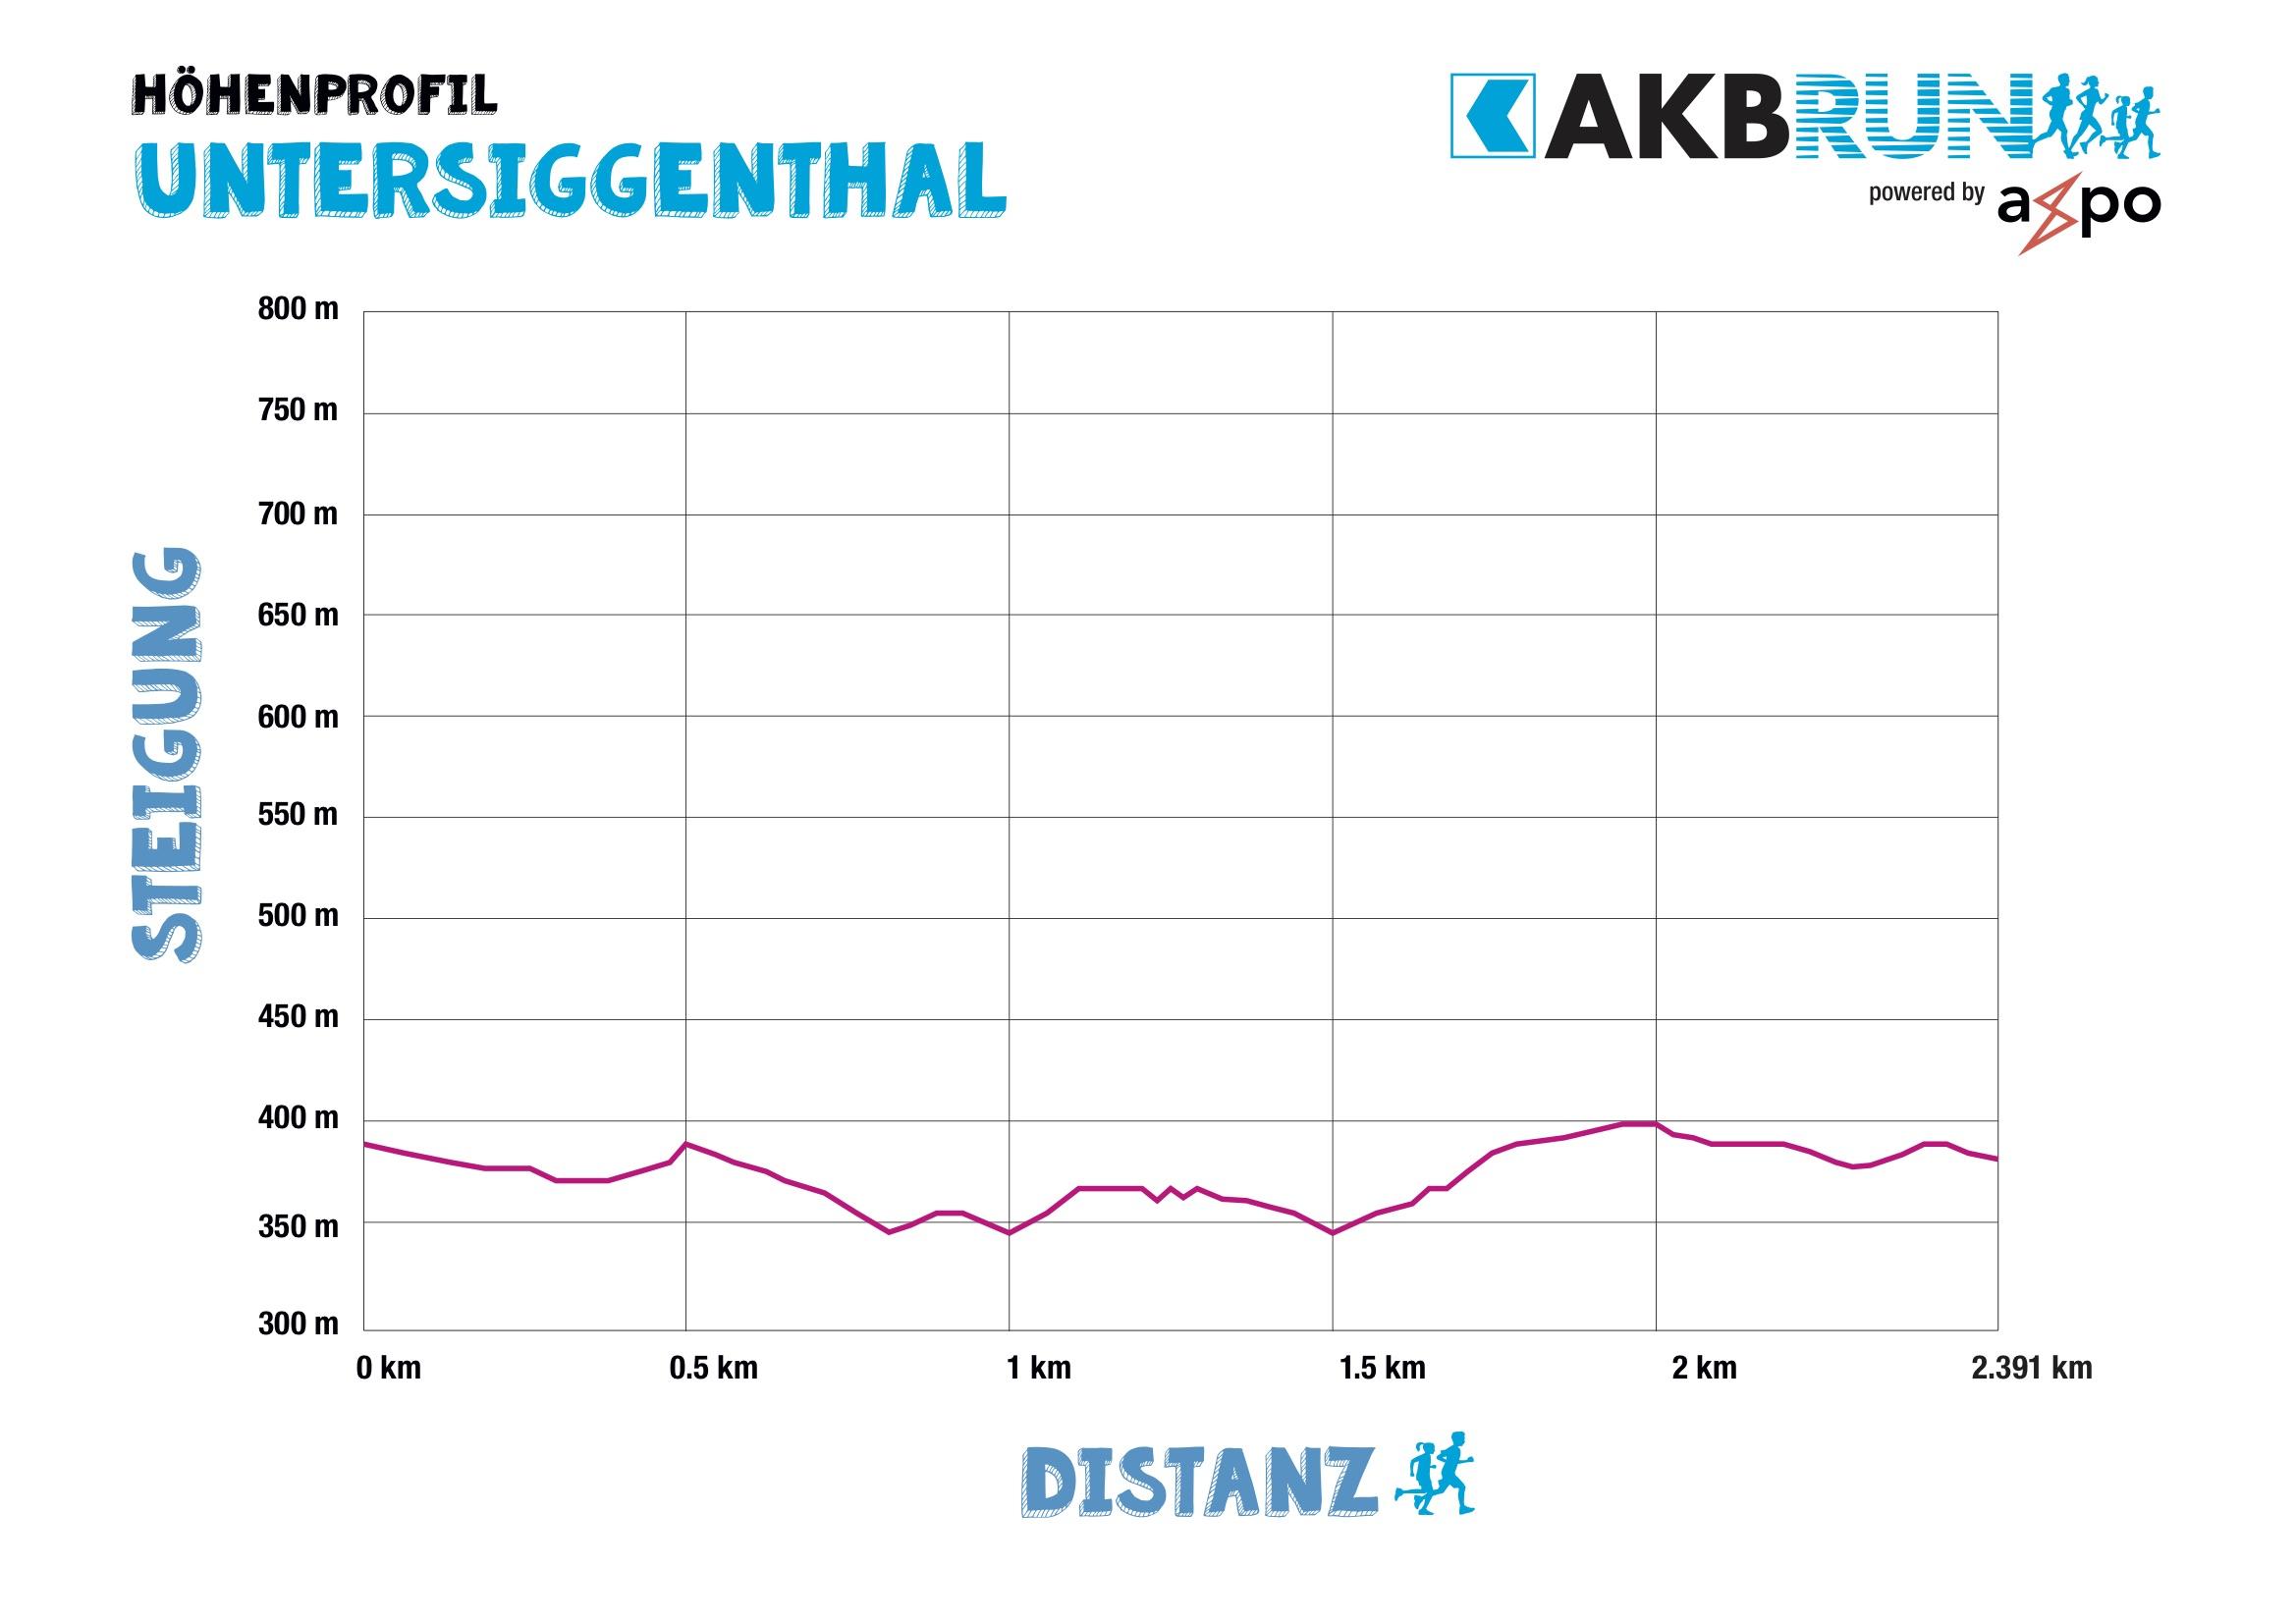 AKB_Run_Hoehenprofile_Untersiggenthal Kopie.jpg